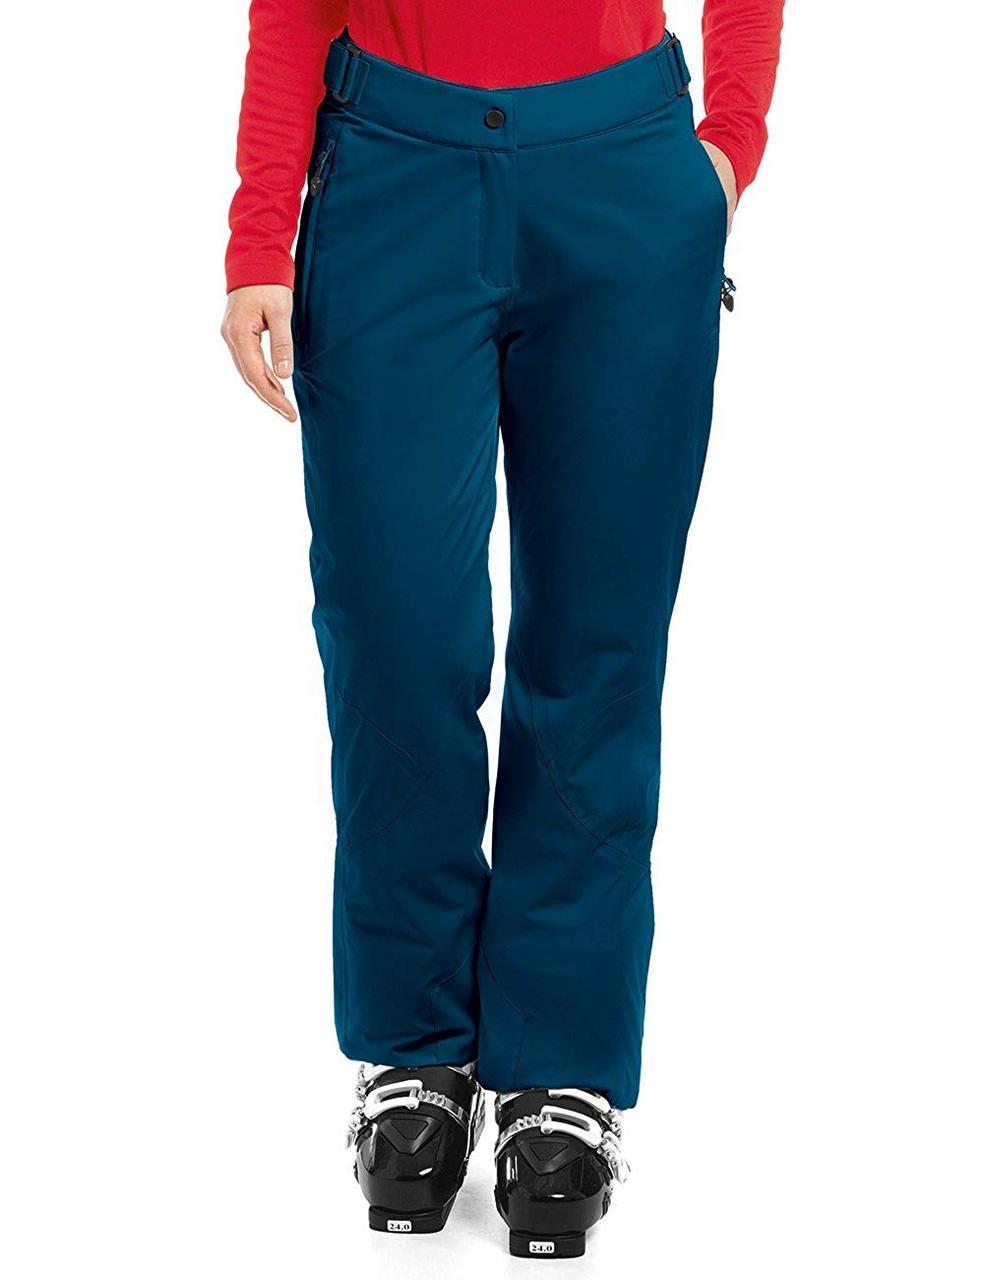 Женские горнолыжние штаны Billabong Yana S синие   Сноубордические / лыжные штаны